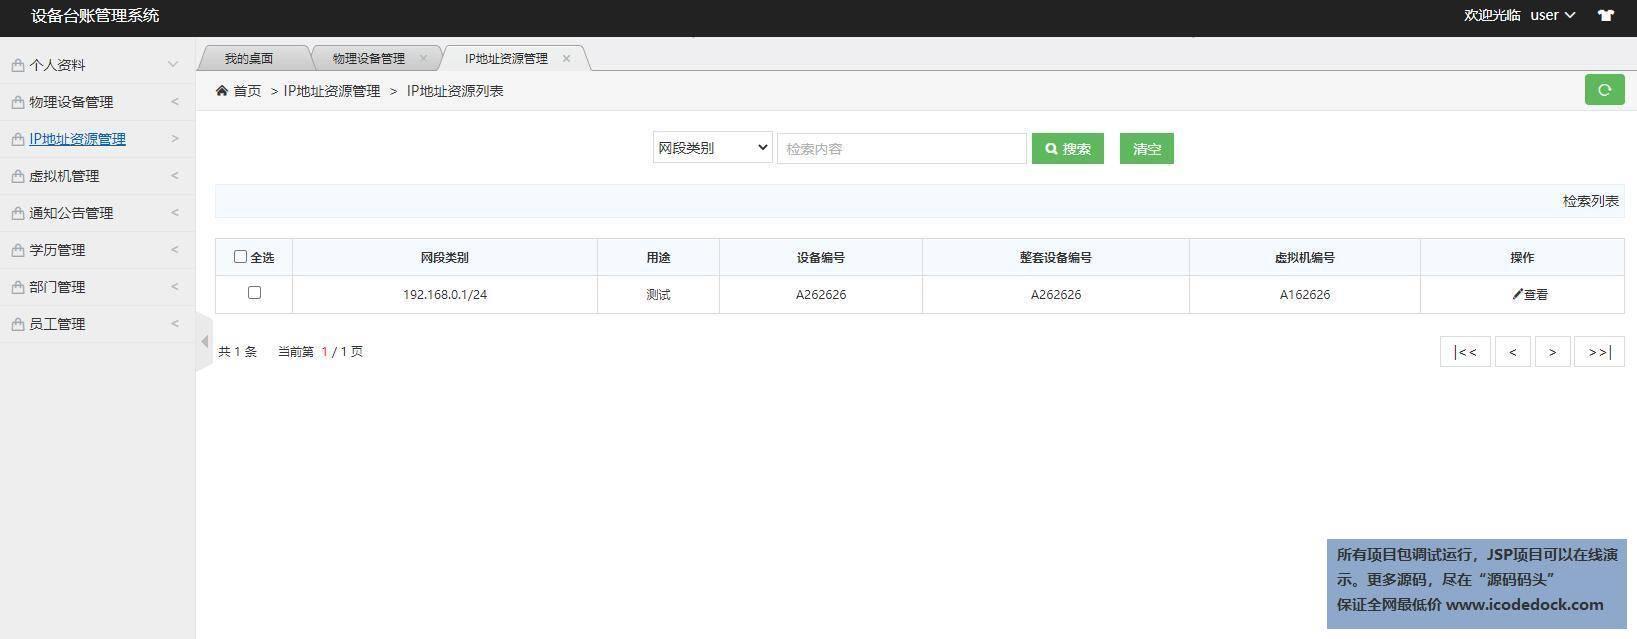 源码码头-SSM设备台账管理系统-员工角色-查看IP地址